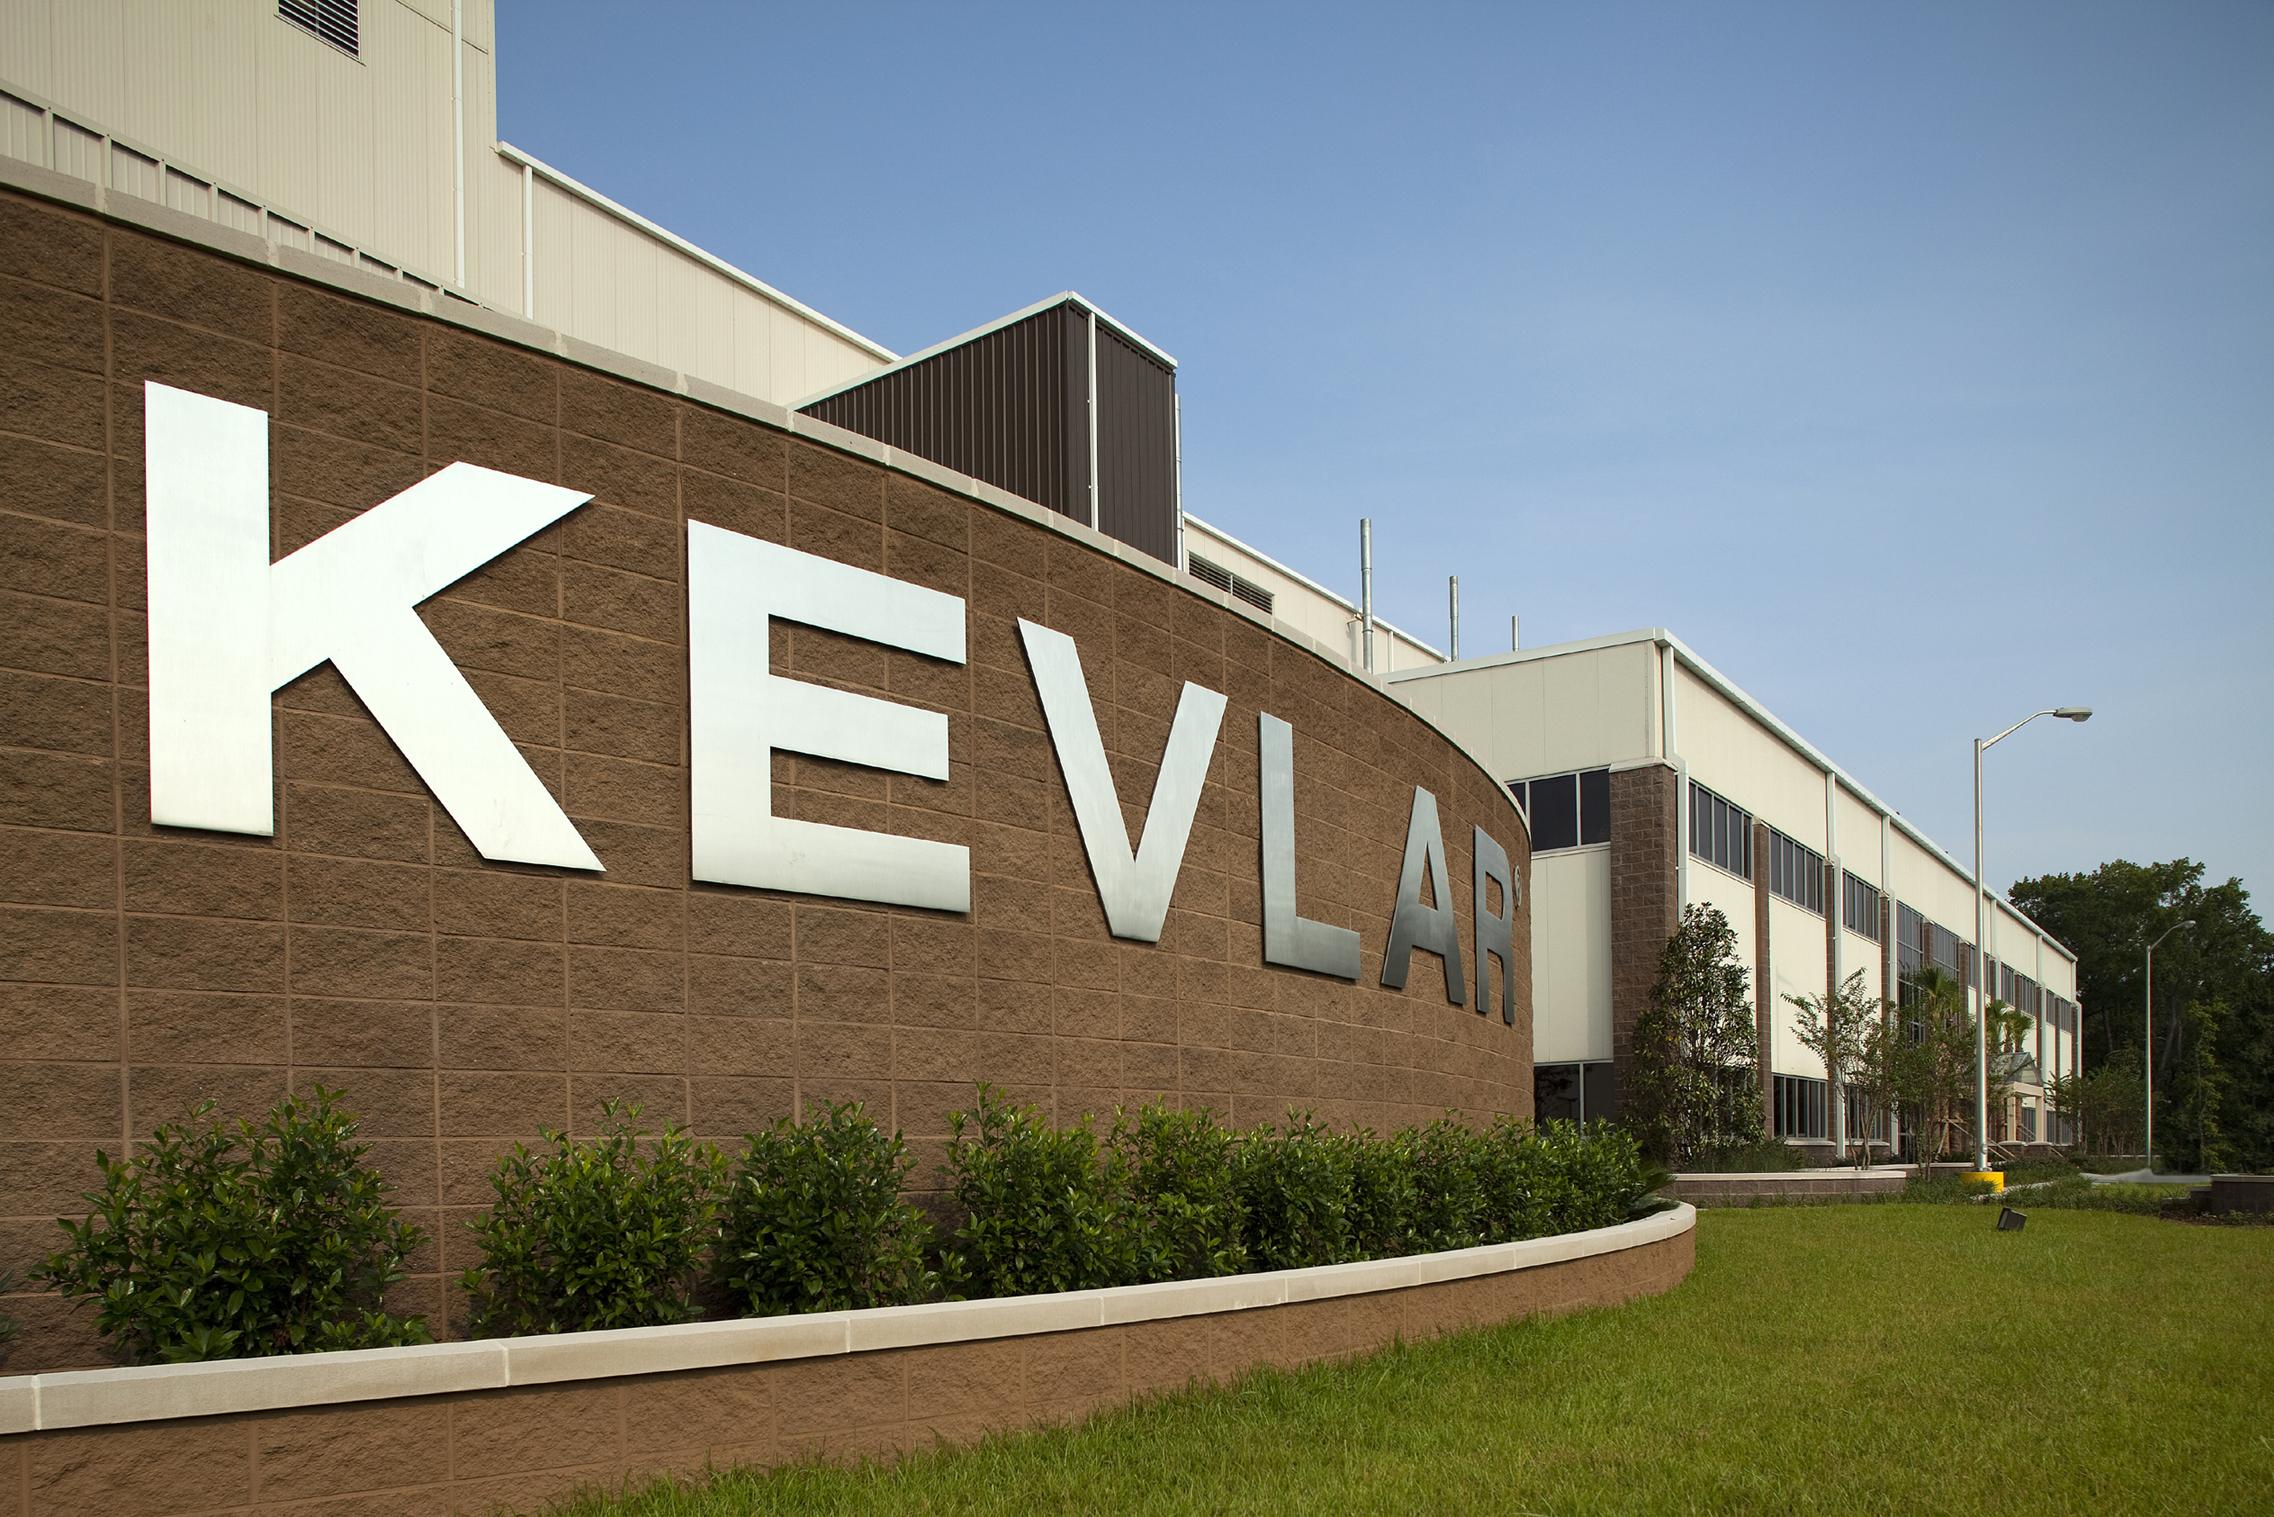 Conheça o Kevlar: A fibra sintética de alto rendimento que é cinco vezes mais resistente que o aço